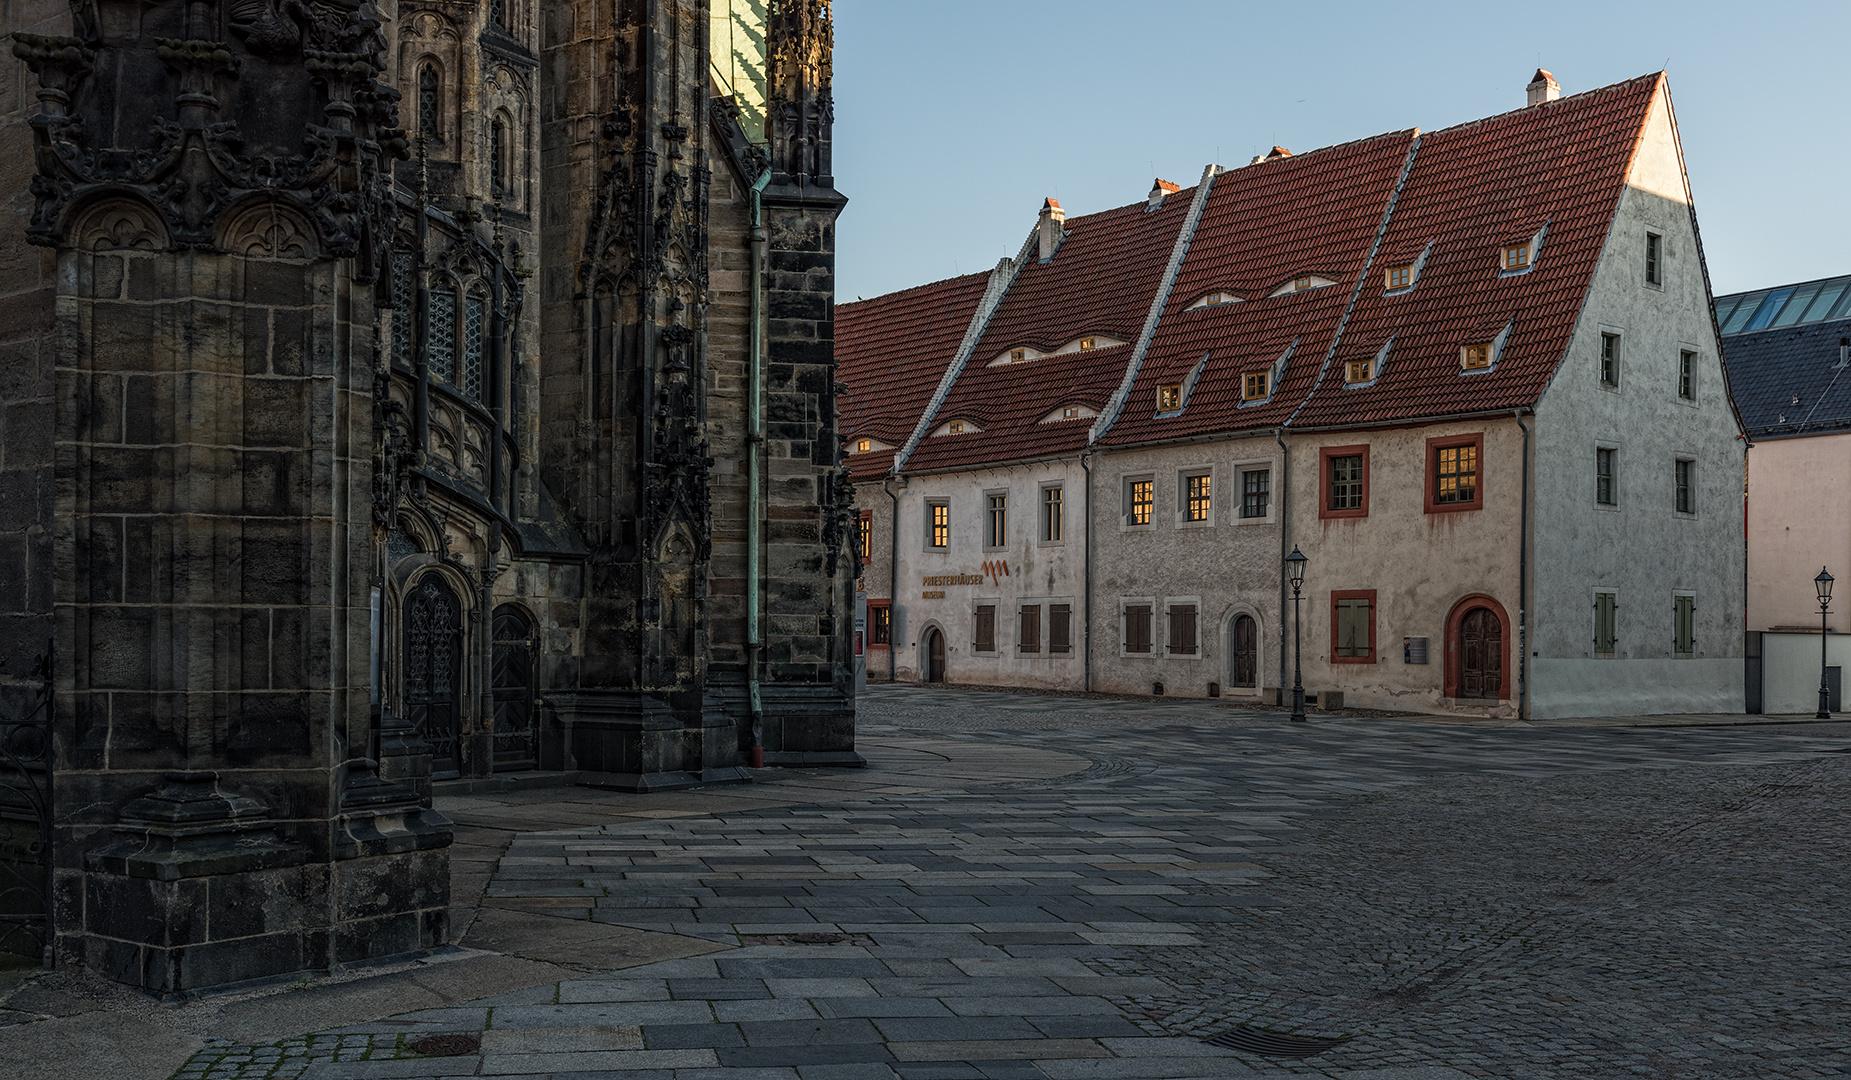 Priesterhäuser am Domplatz